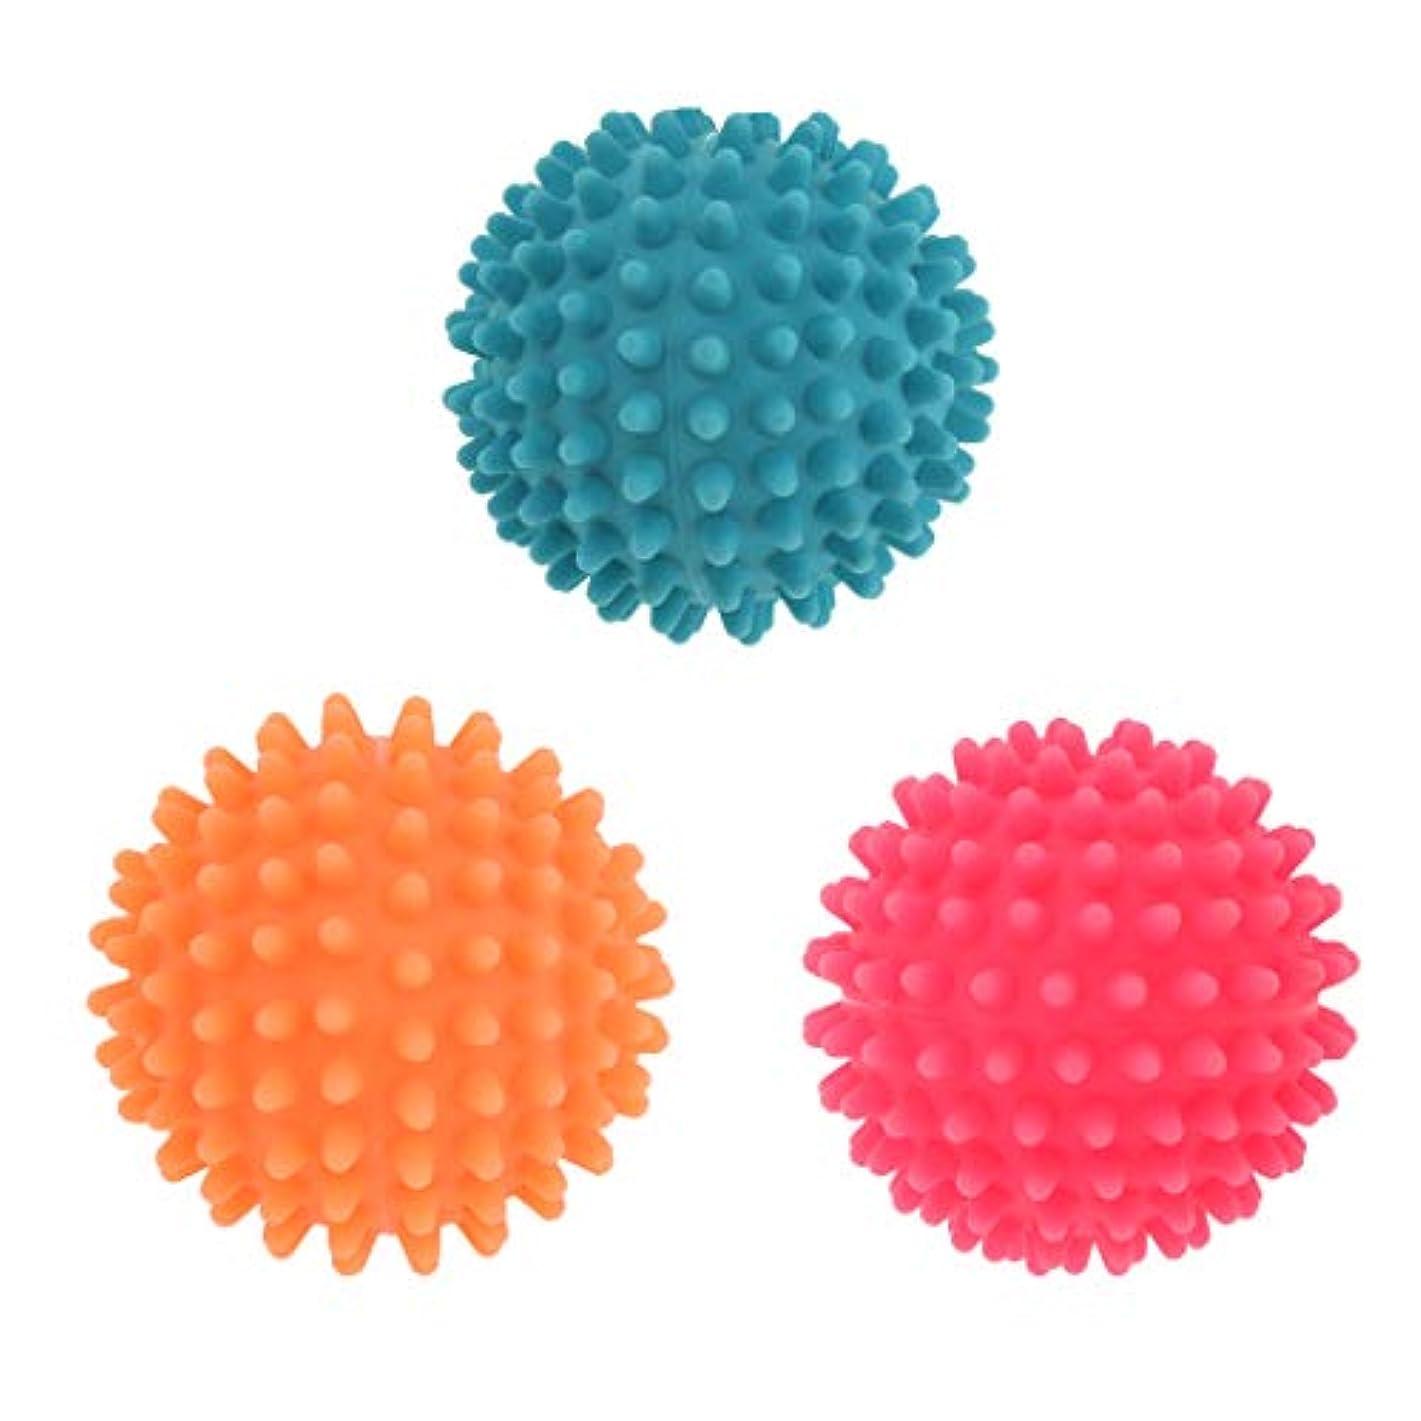 困難感情測るFLAMEER 3個 マッサージボール ヨガボール 触覚ボール ツボ押しグッズ 直径7cm